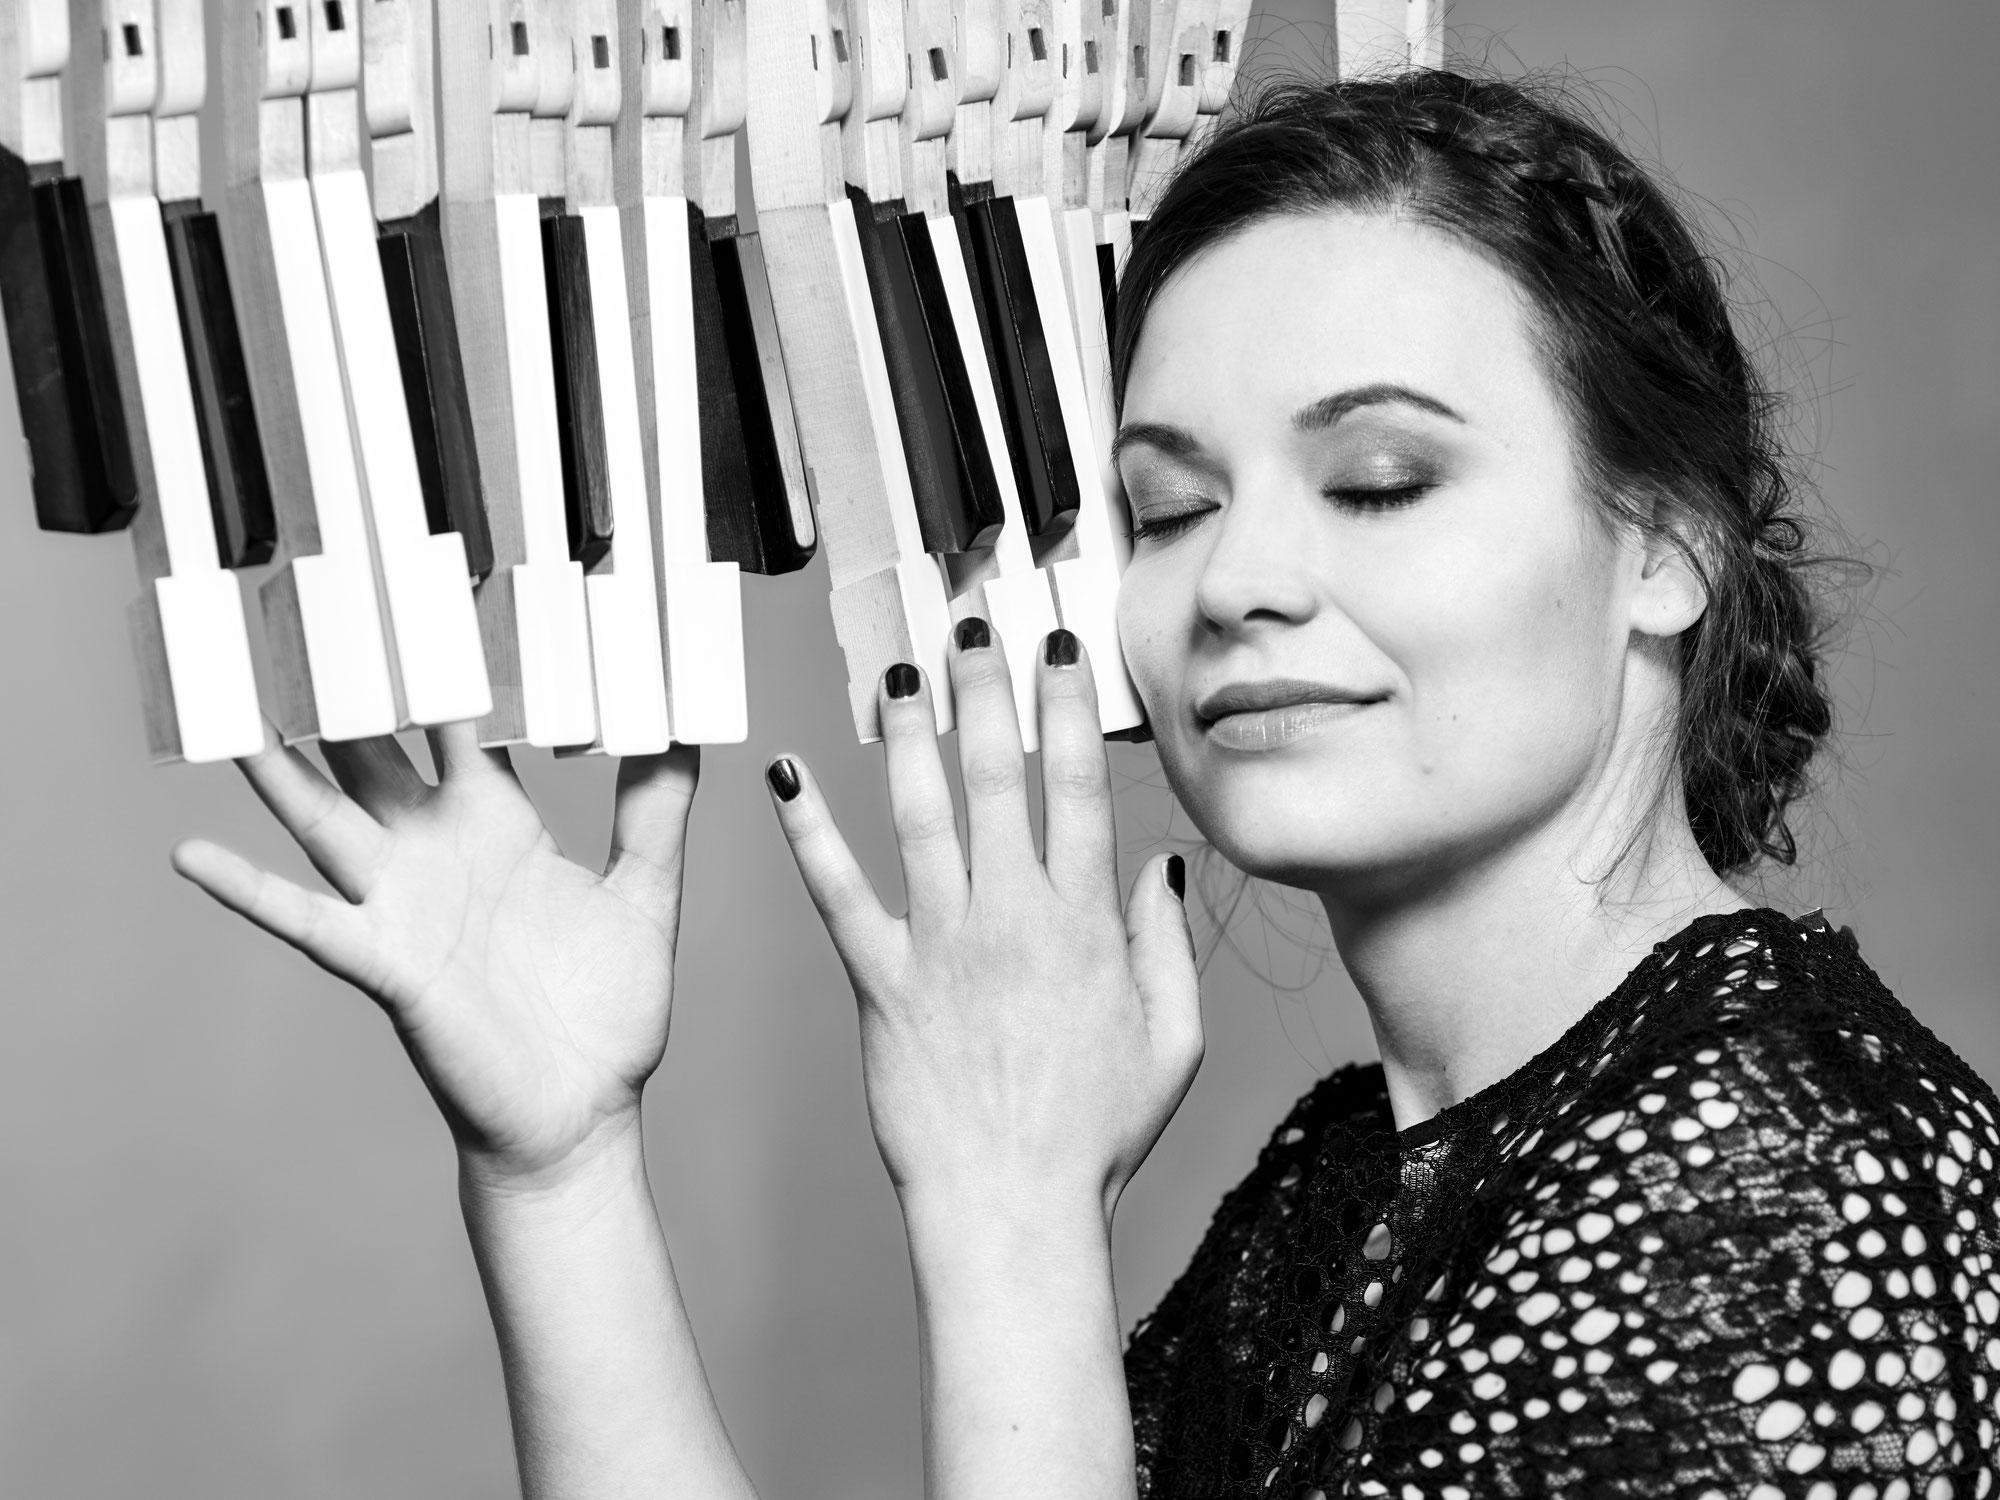 Der Erntehelfer Podcast - Folge 18 - Laia Genc - pianist, singer, composer, arranger, educator